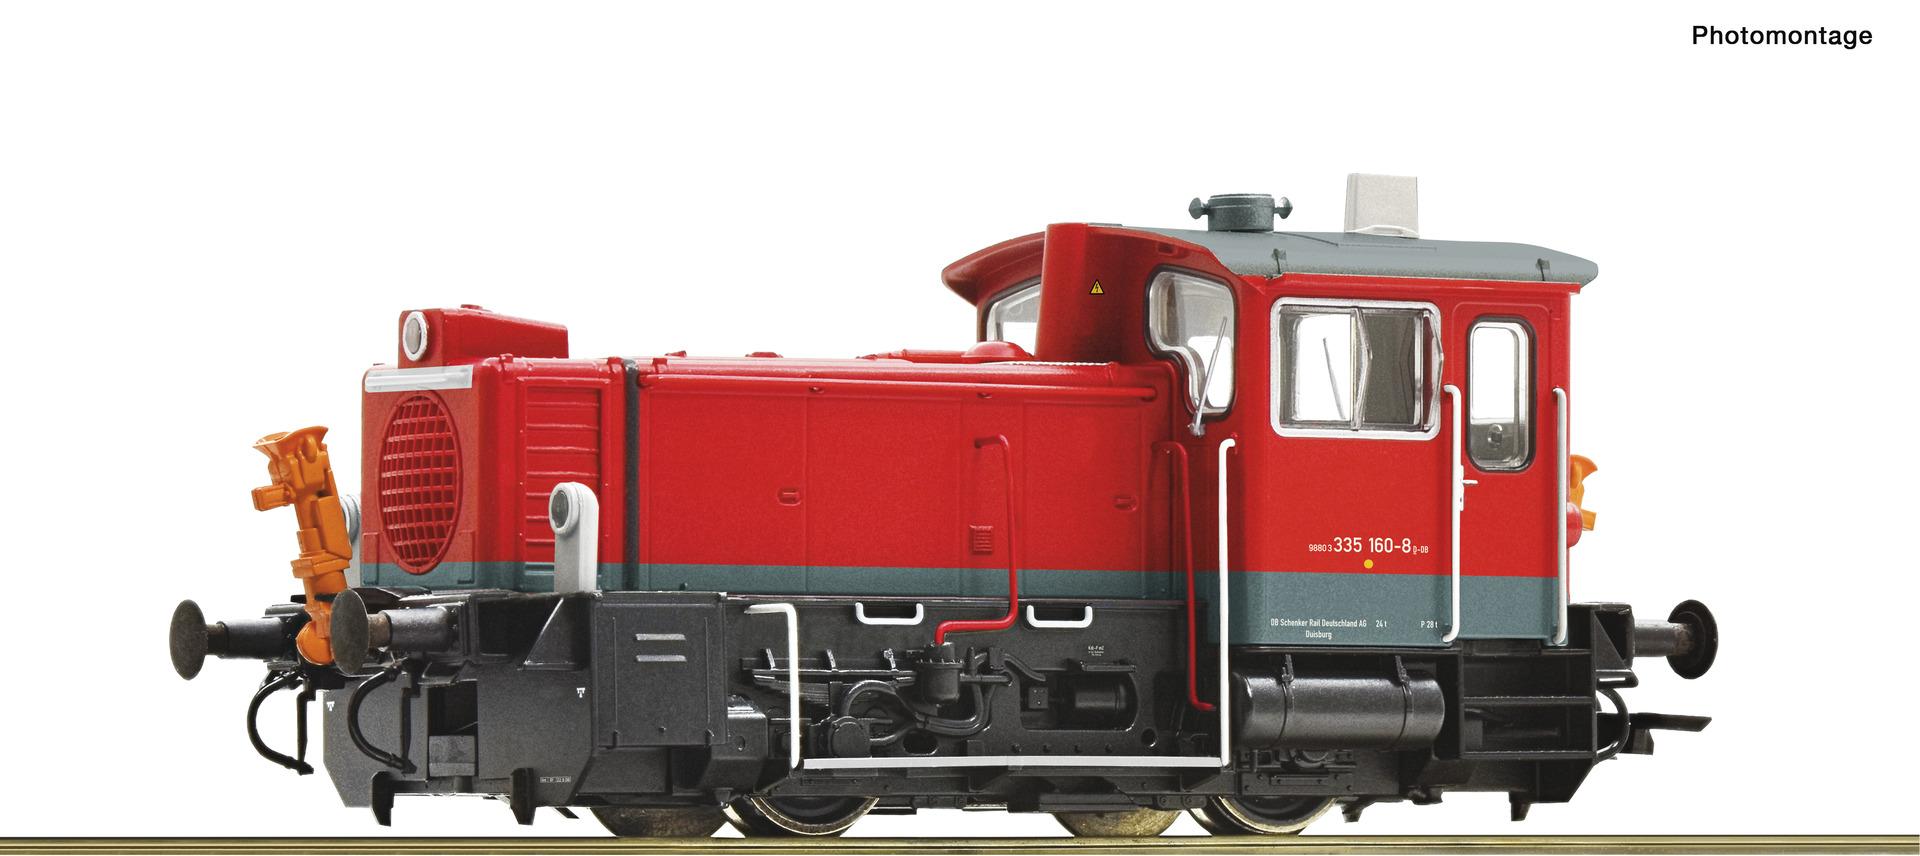 Roco 78017 Diesellokomotive 335 150-8